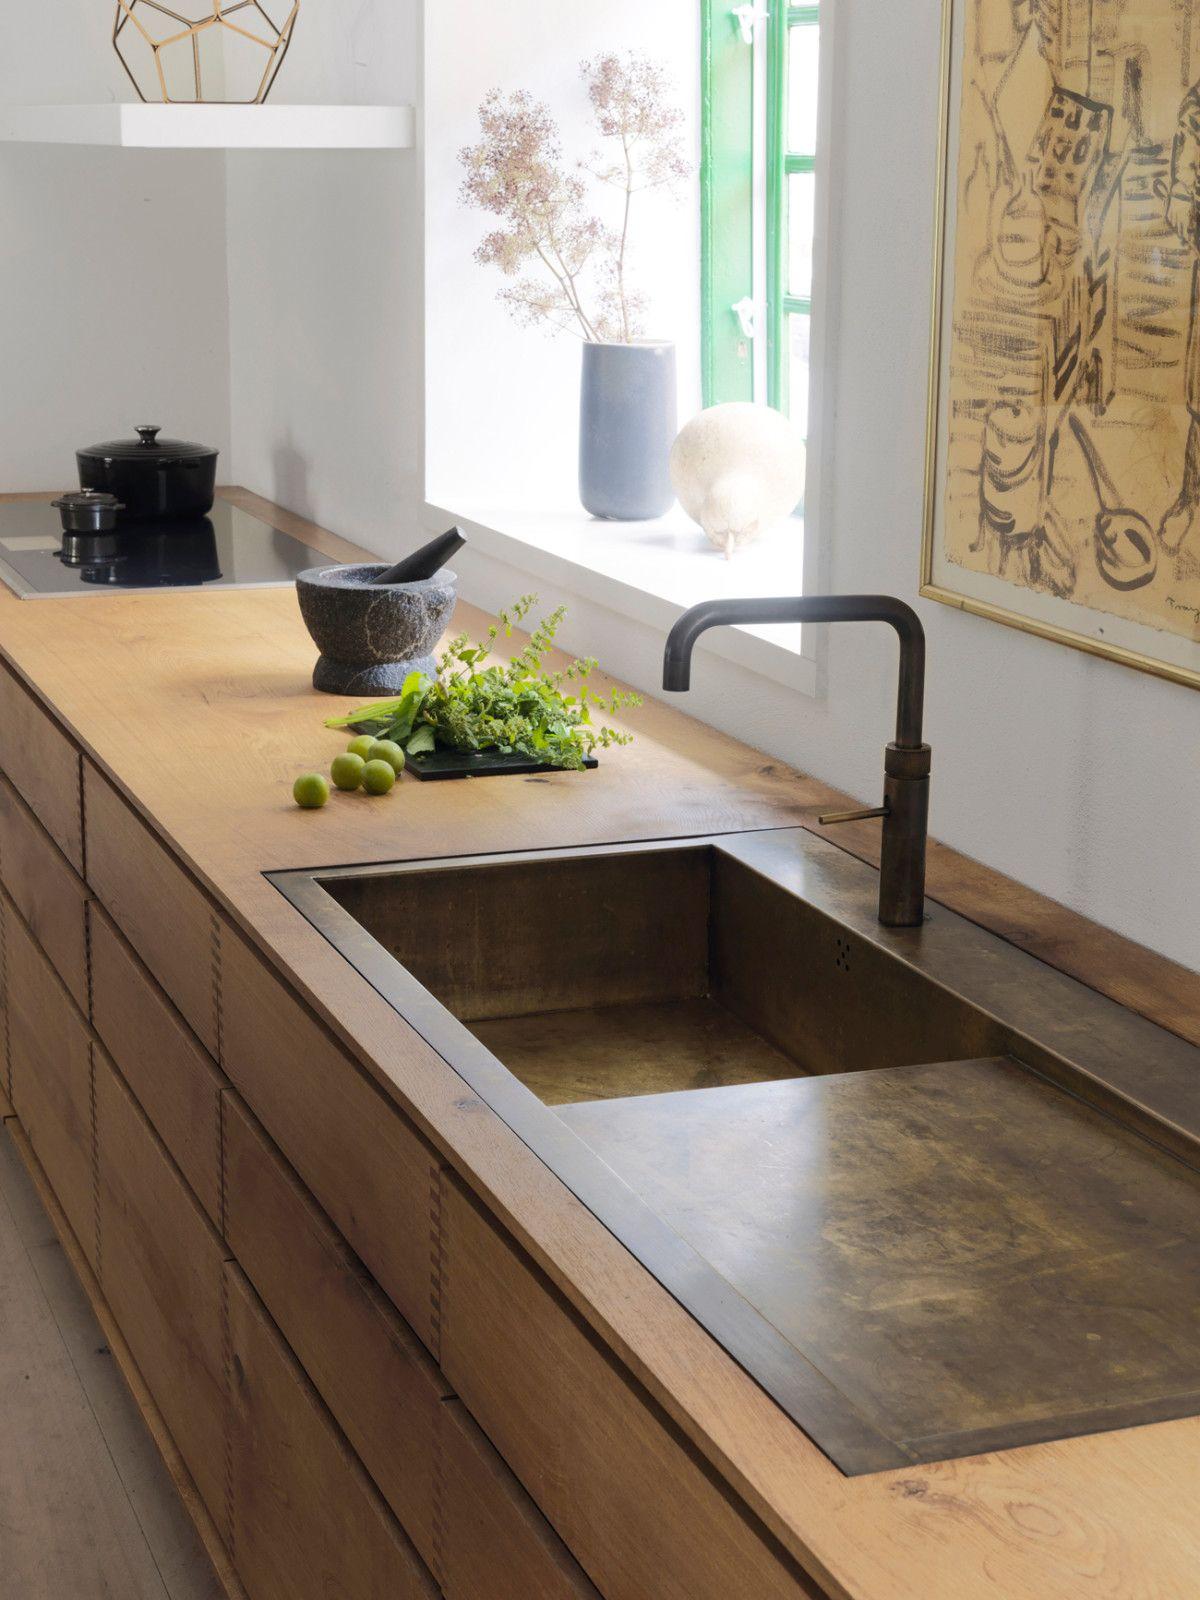 Good wood cooking | Steckbrief, Kopenhagen und Holz